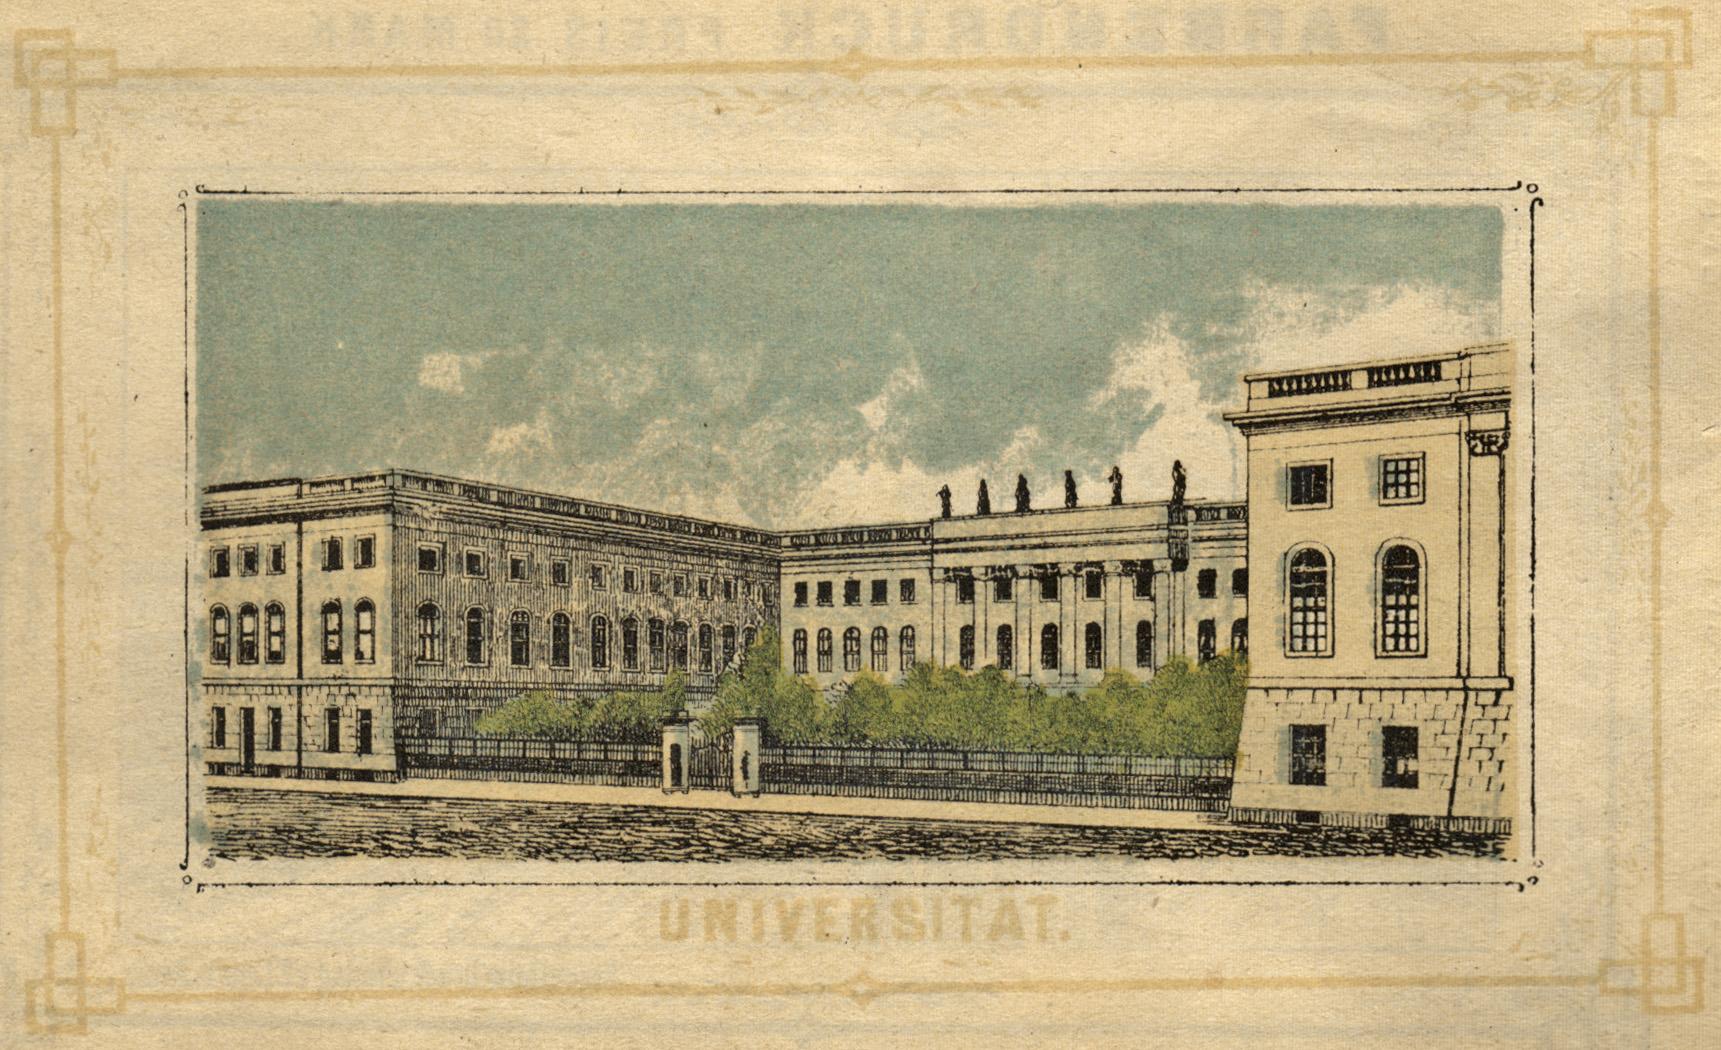 Universität.: Berlin - Universität: